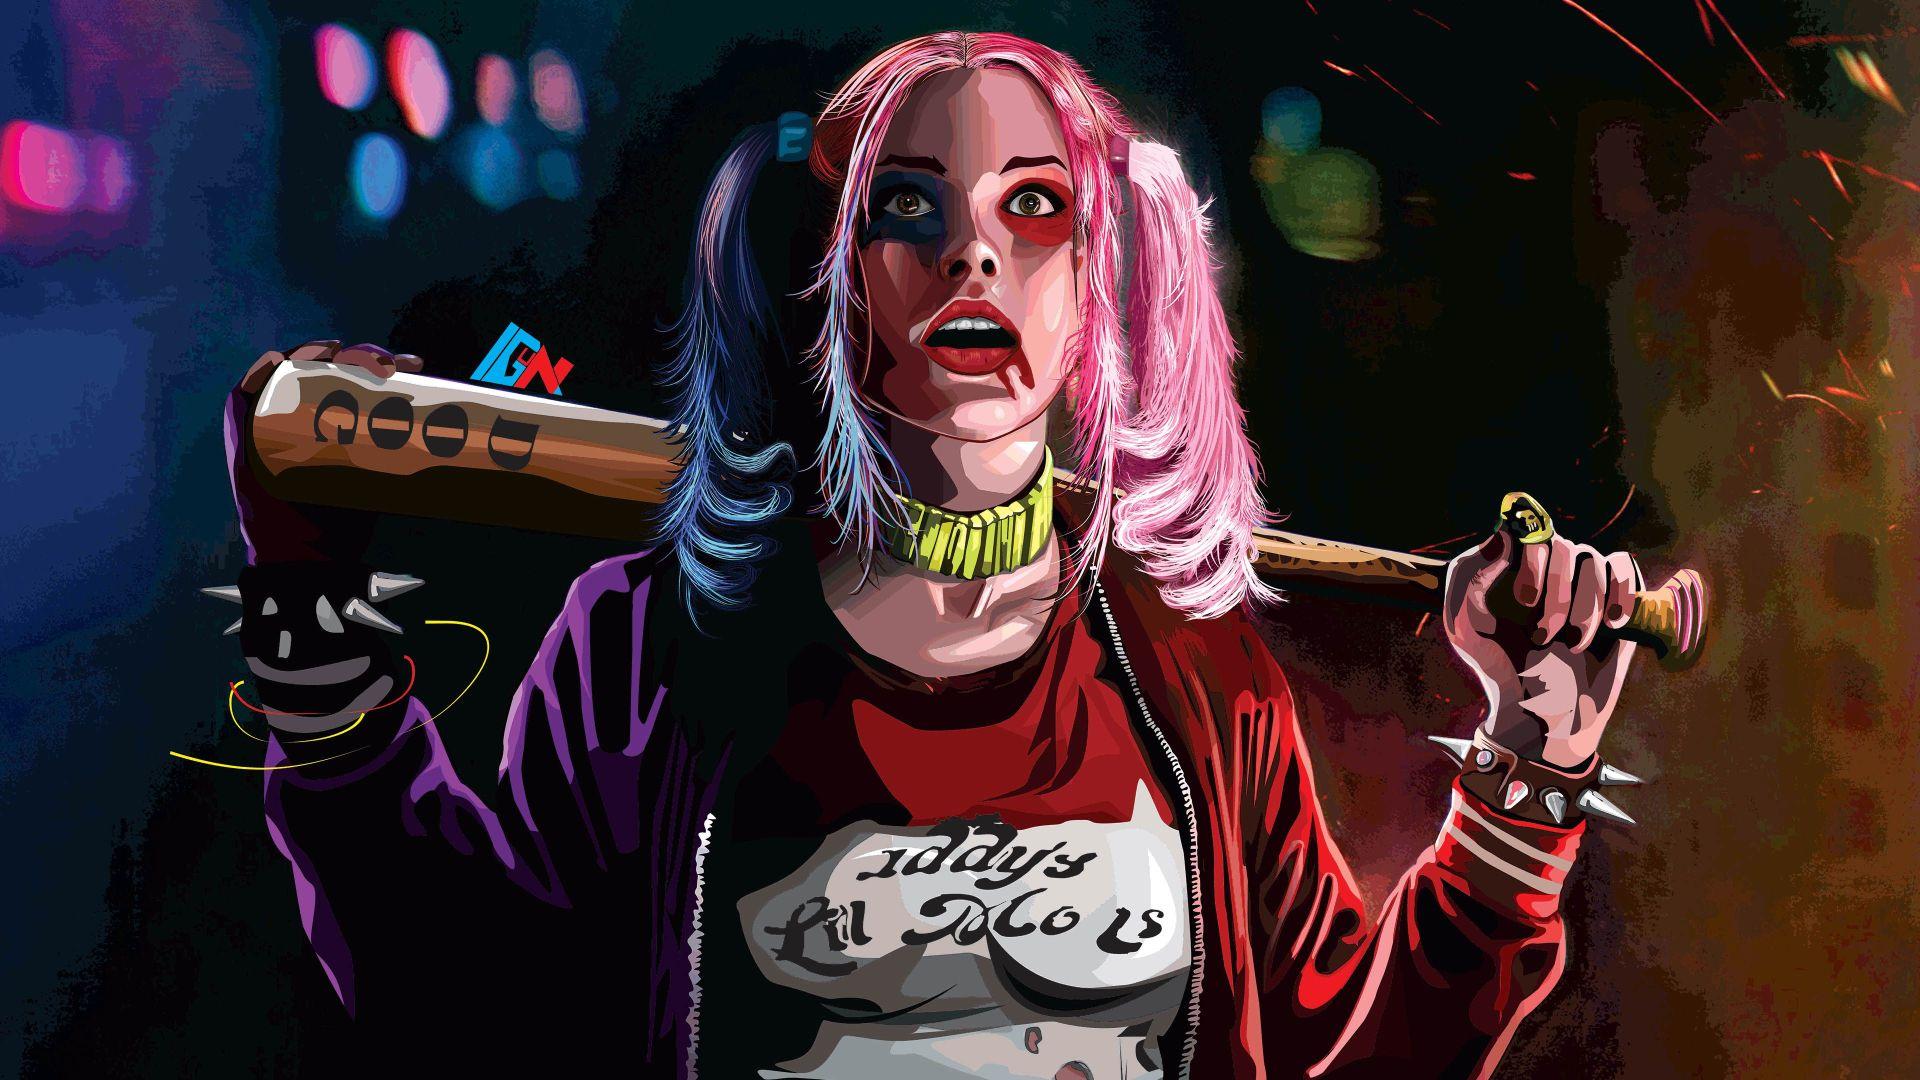 Harley Quinn Wallpaper 3